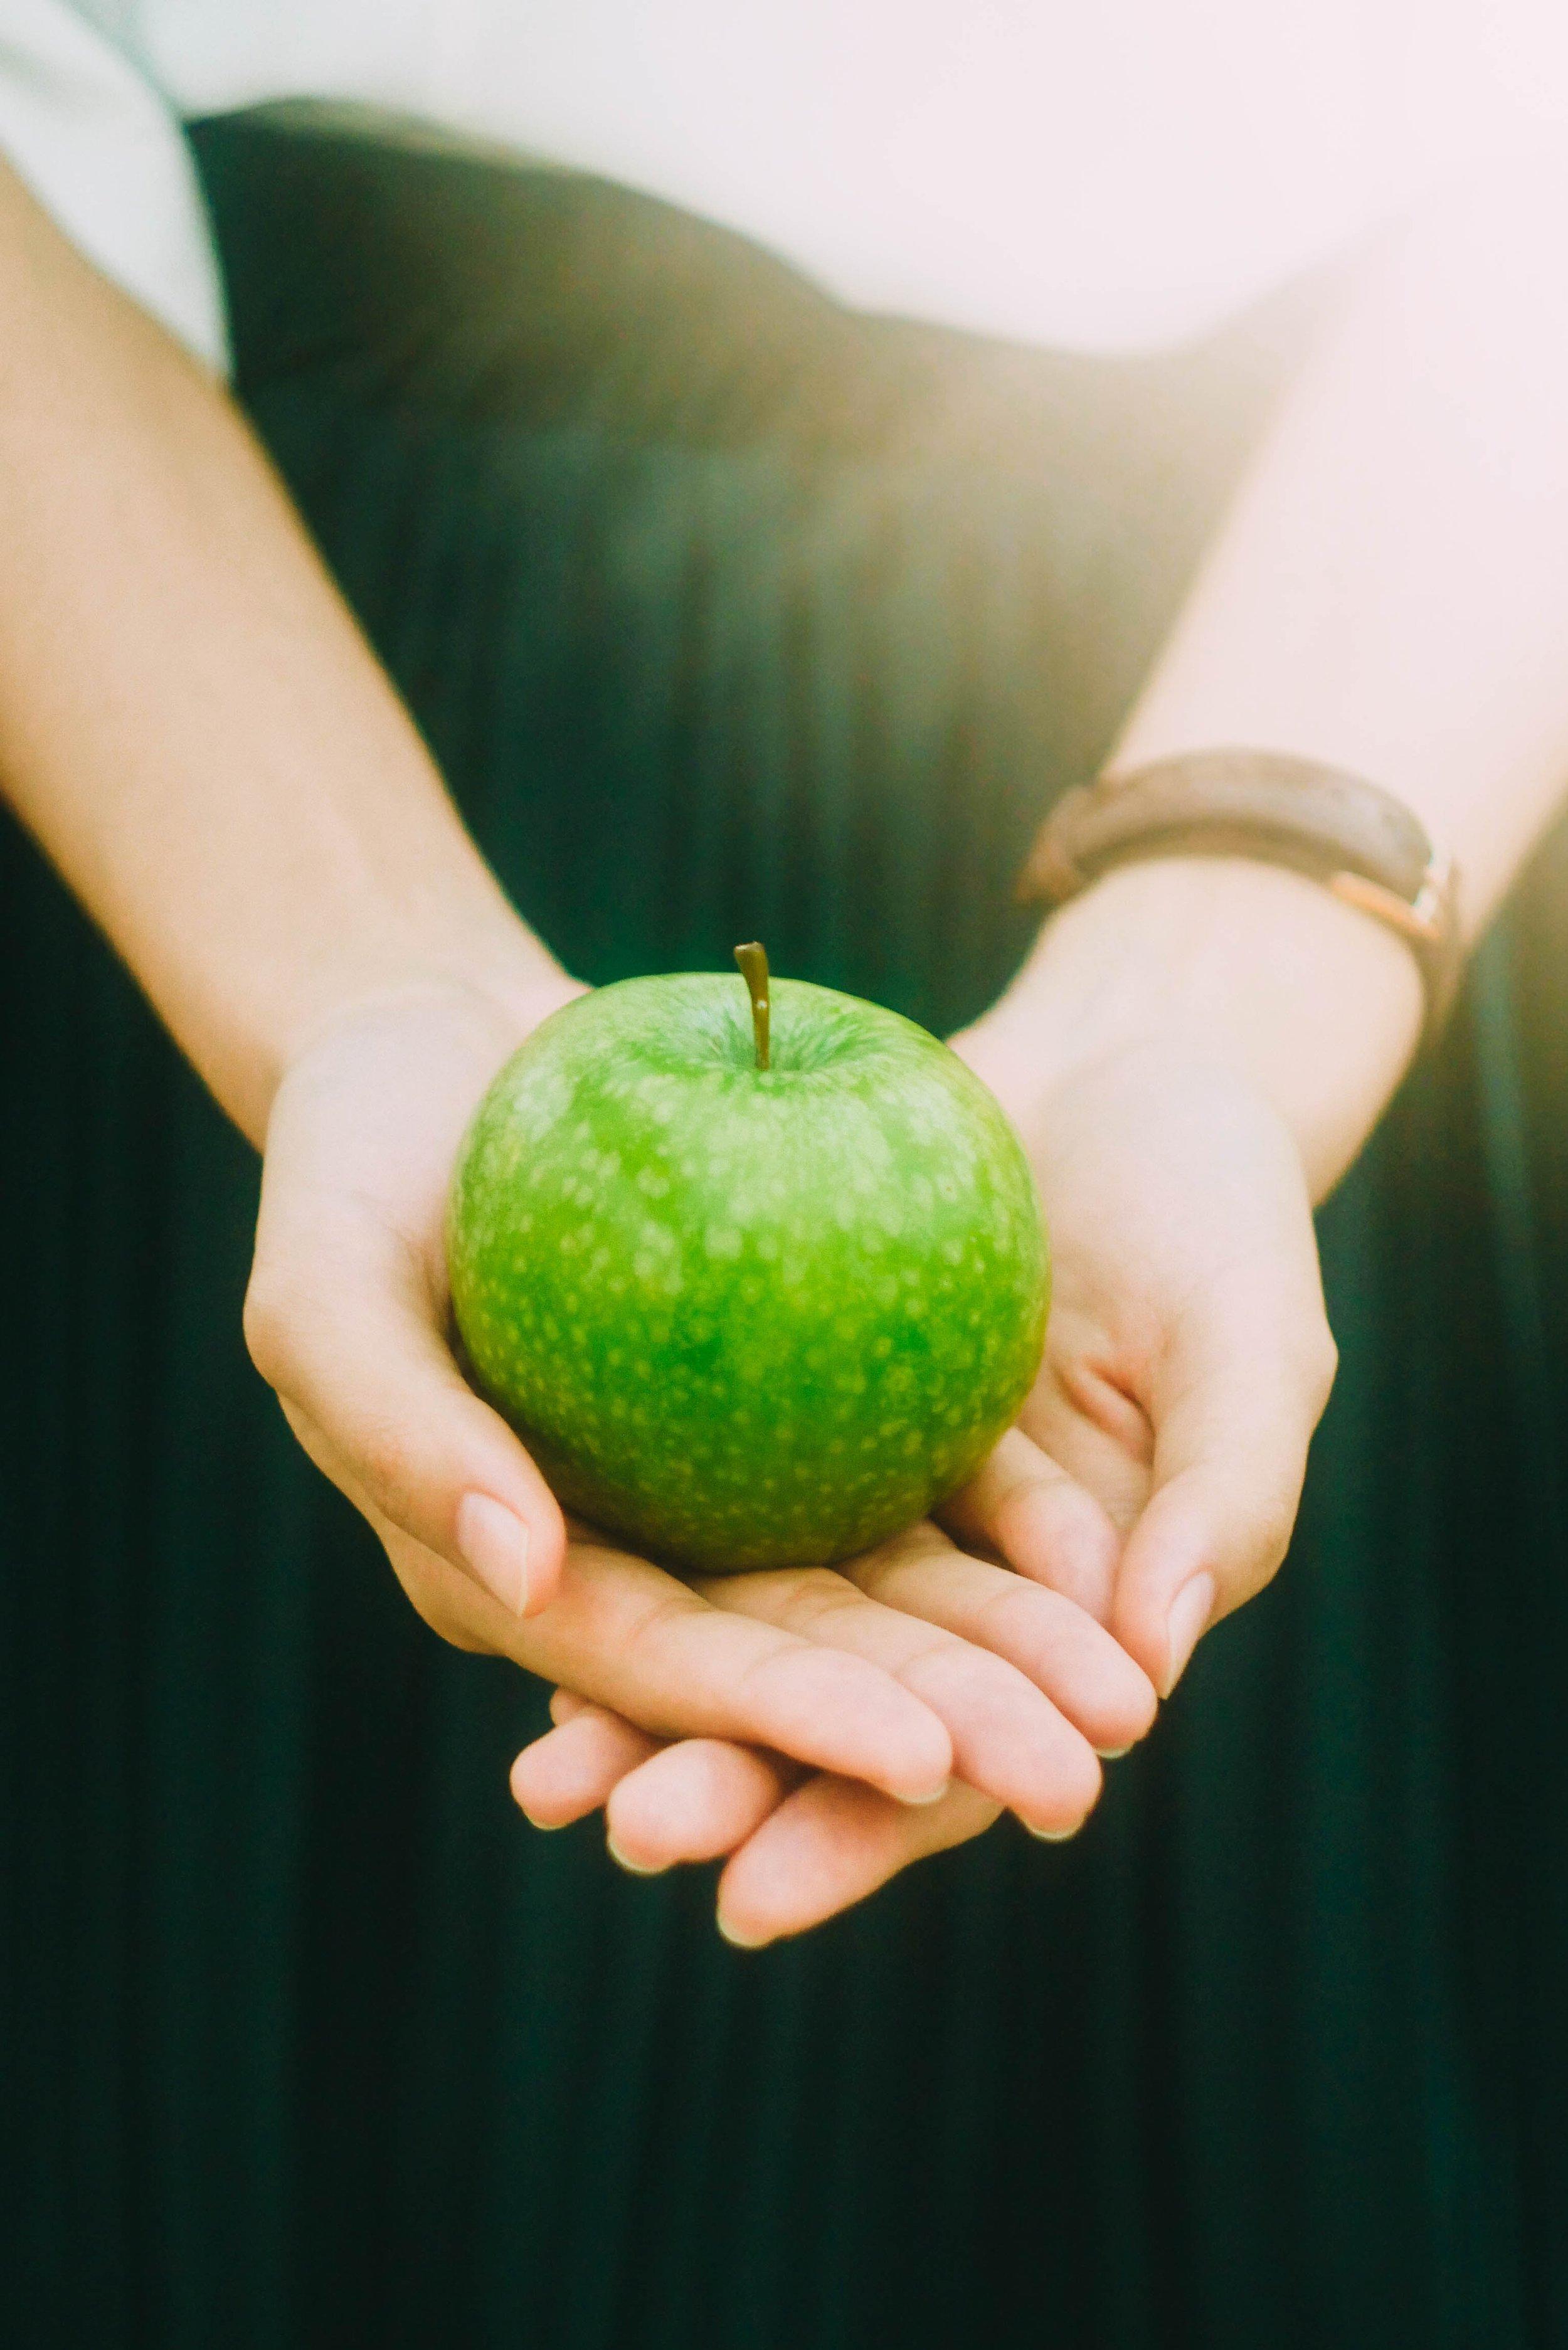 holding apple.jpg